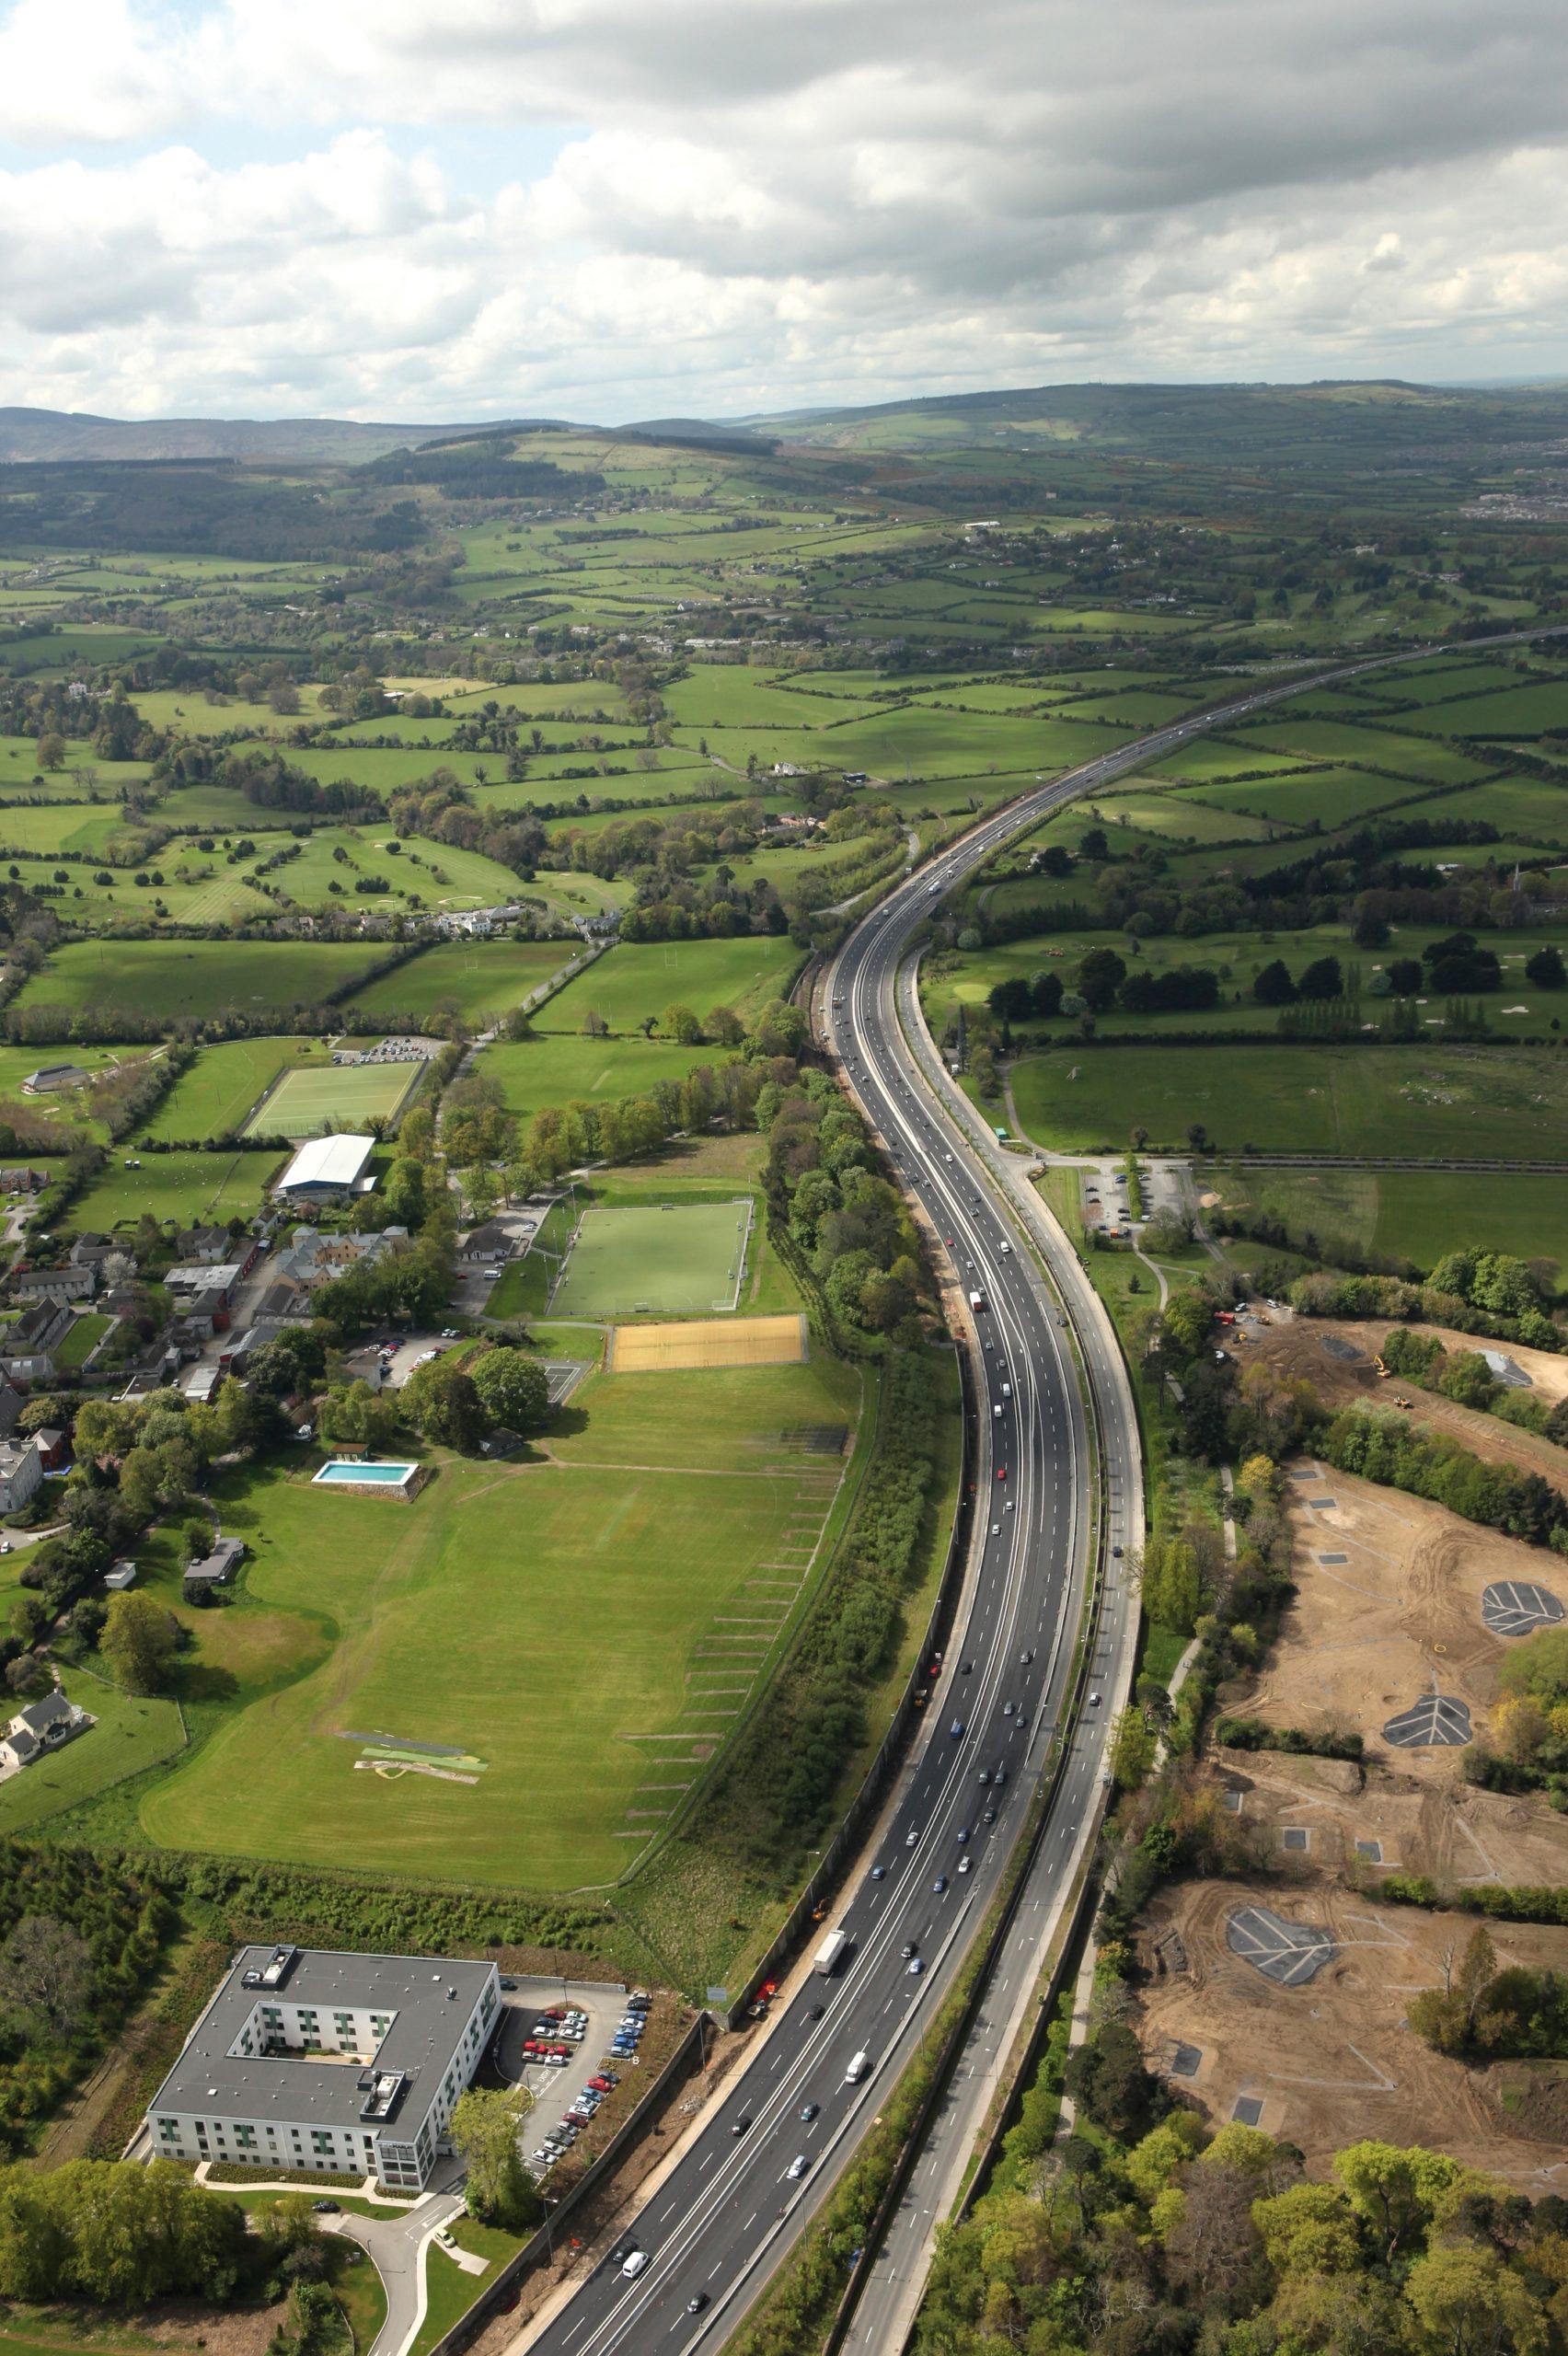 Irlanda – M50 Concession